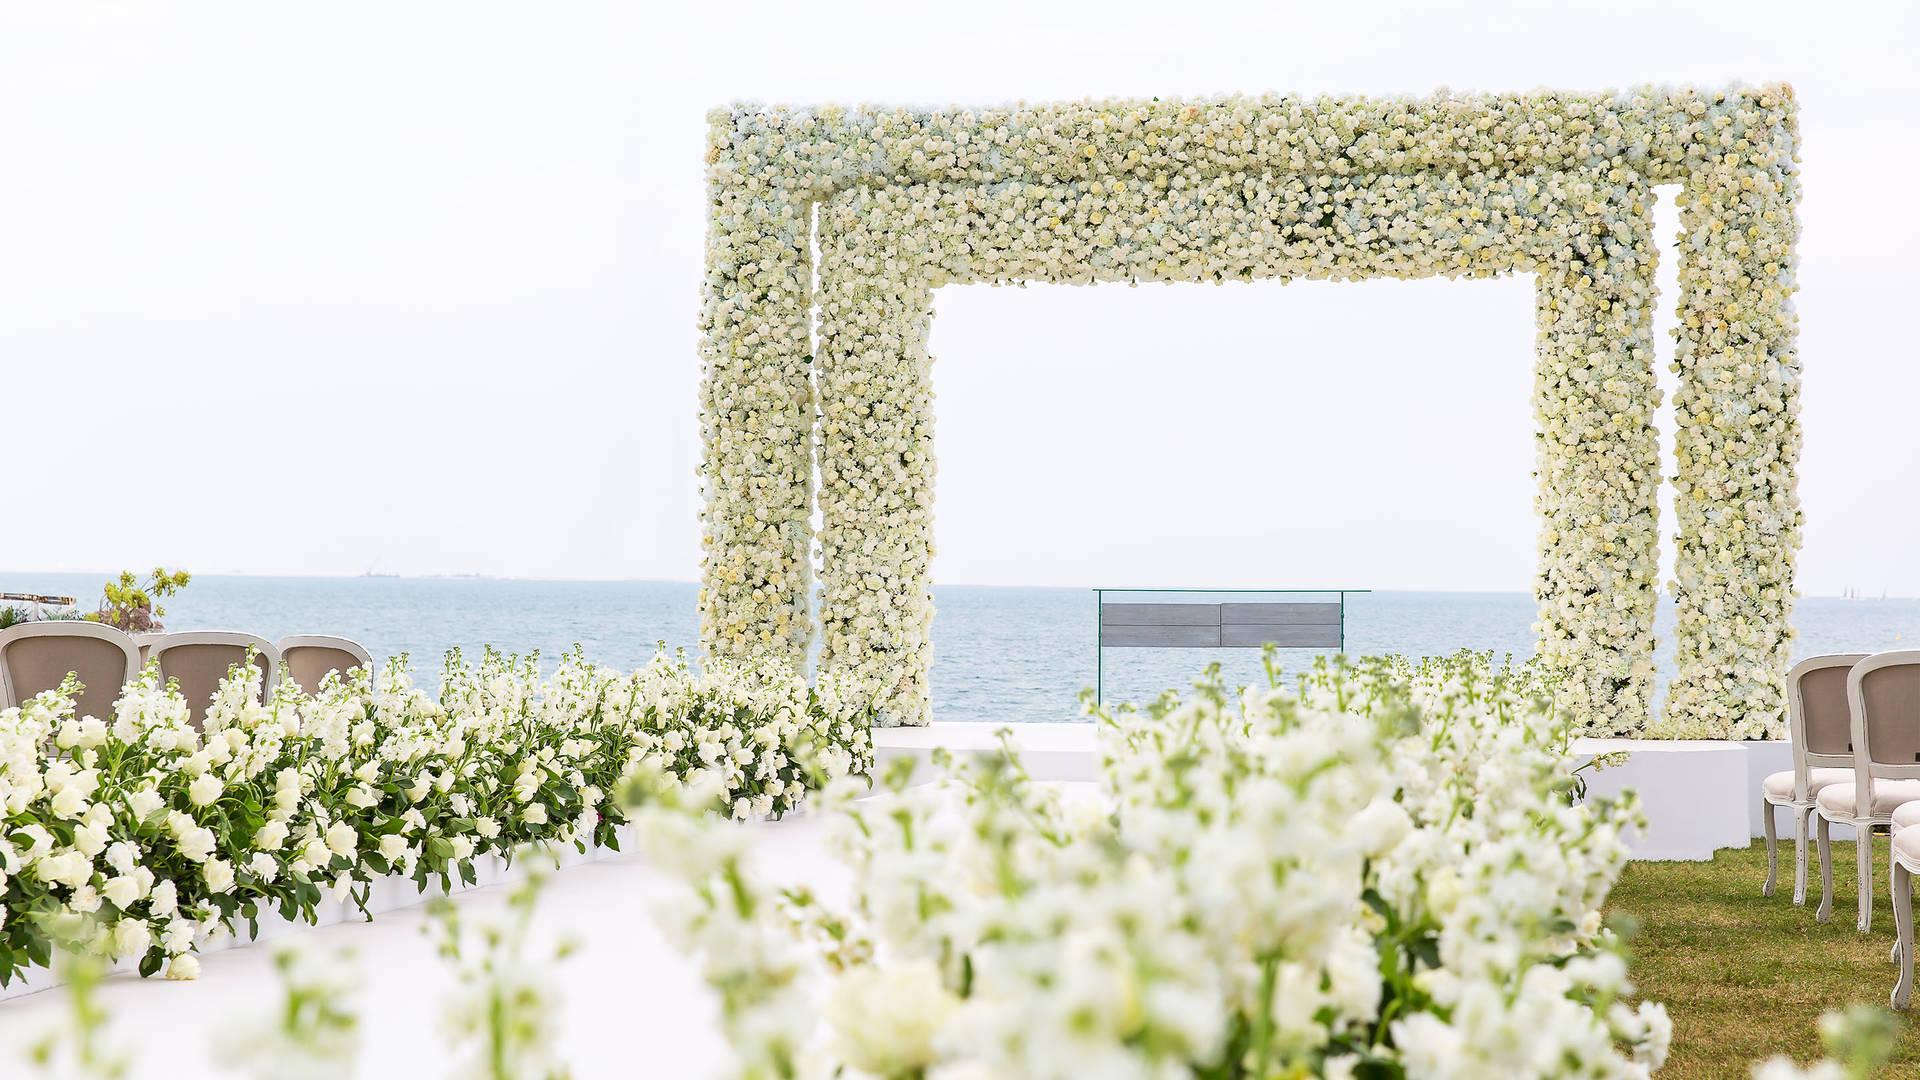 卓美亚帆船酒店 - 棕榈园 - 婚礼